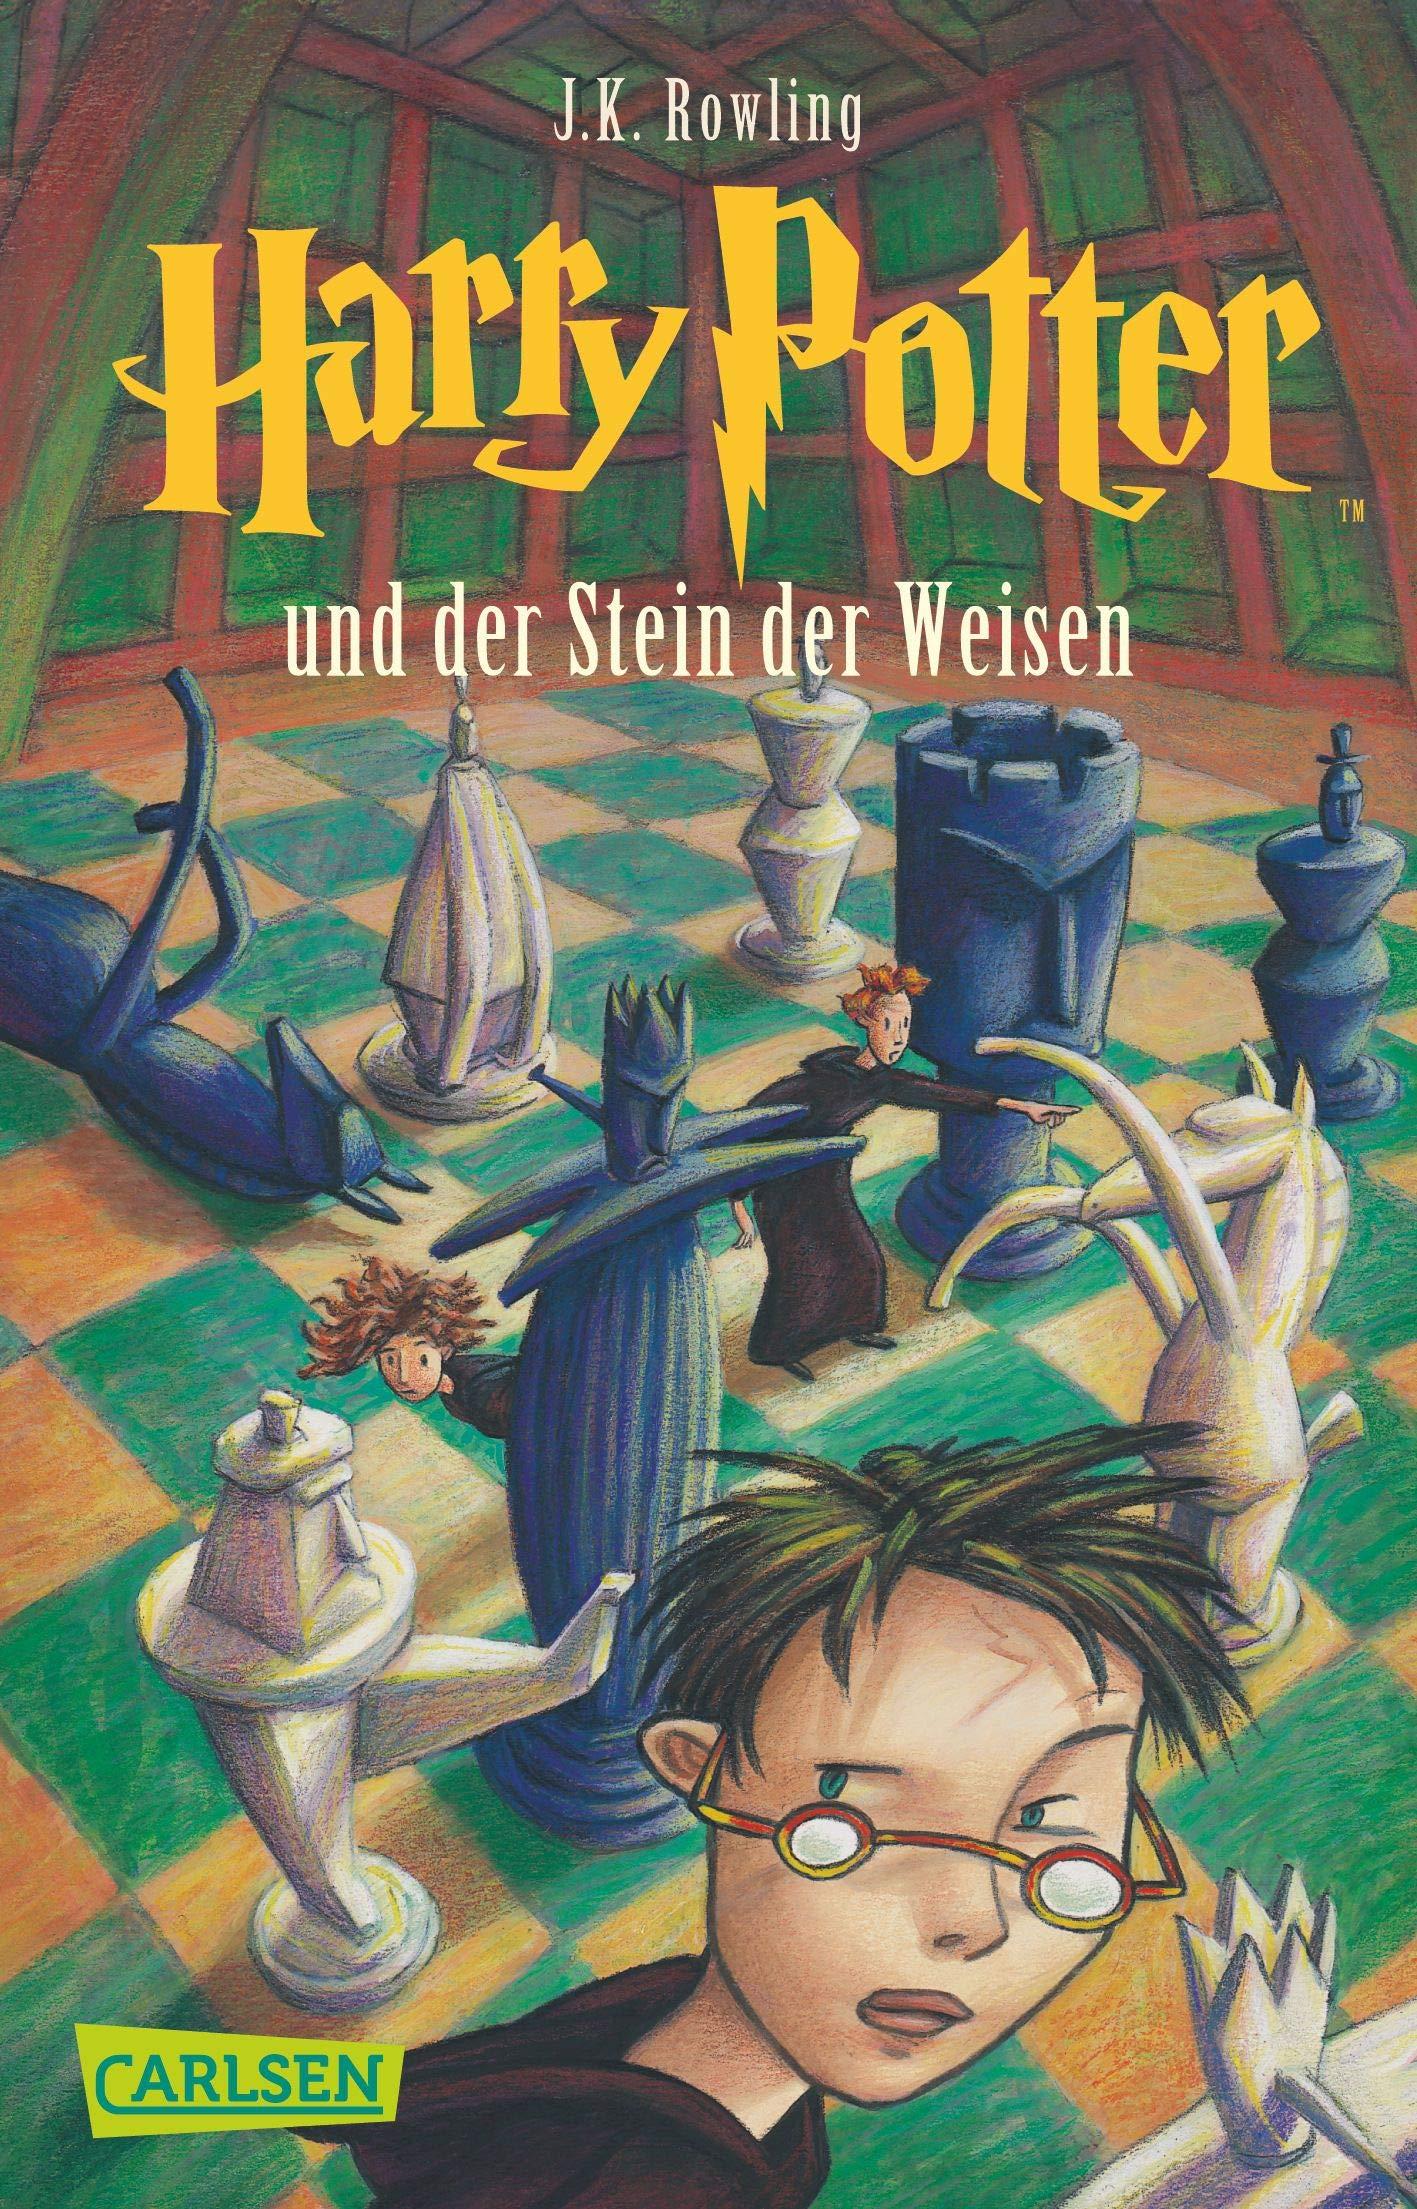 Harry Potter 1 und der Stein der Weisen: Amazon.es: Joanne K. Rowling,  Klaus Fritz: Libros en idiomas extranjeros